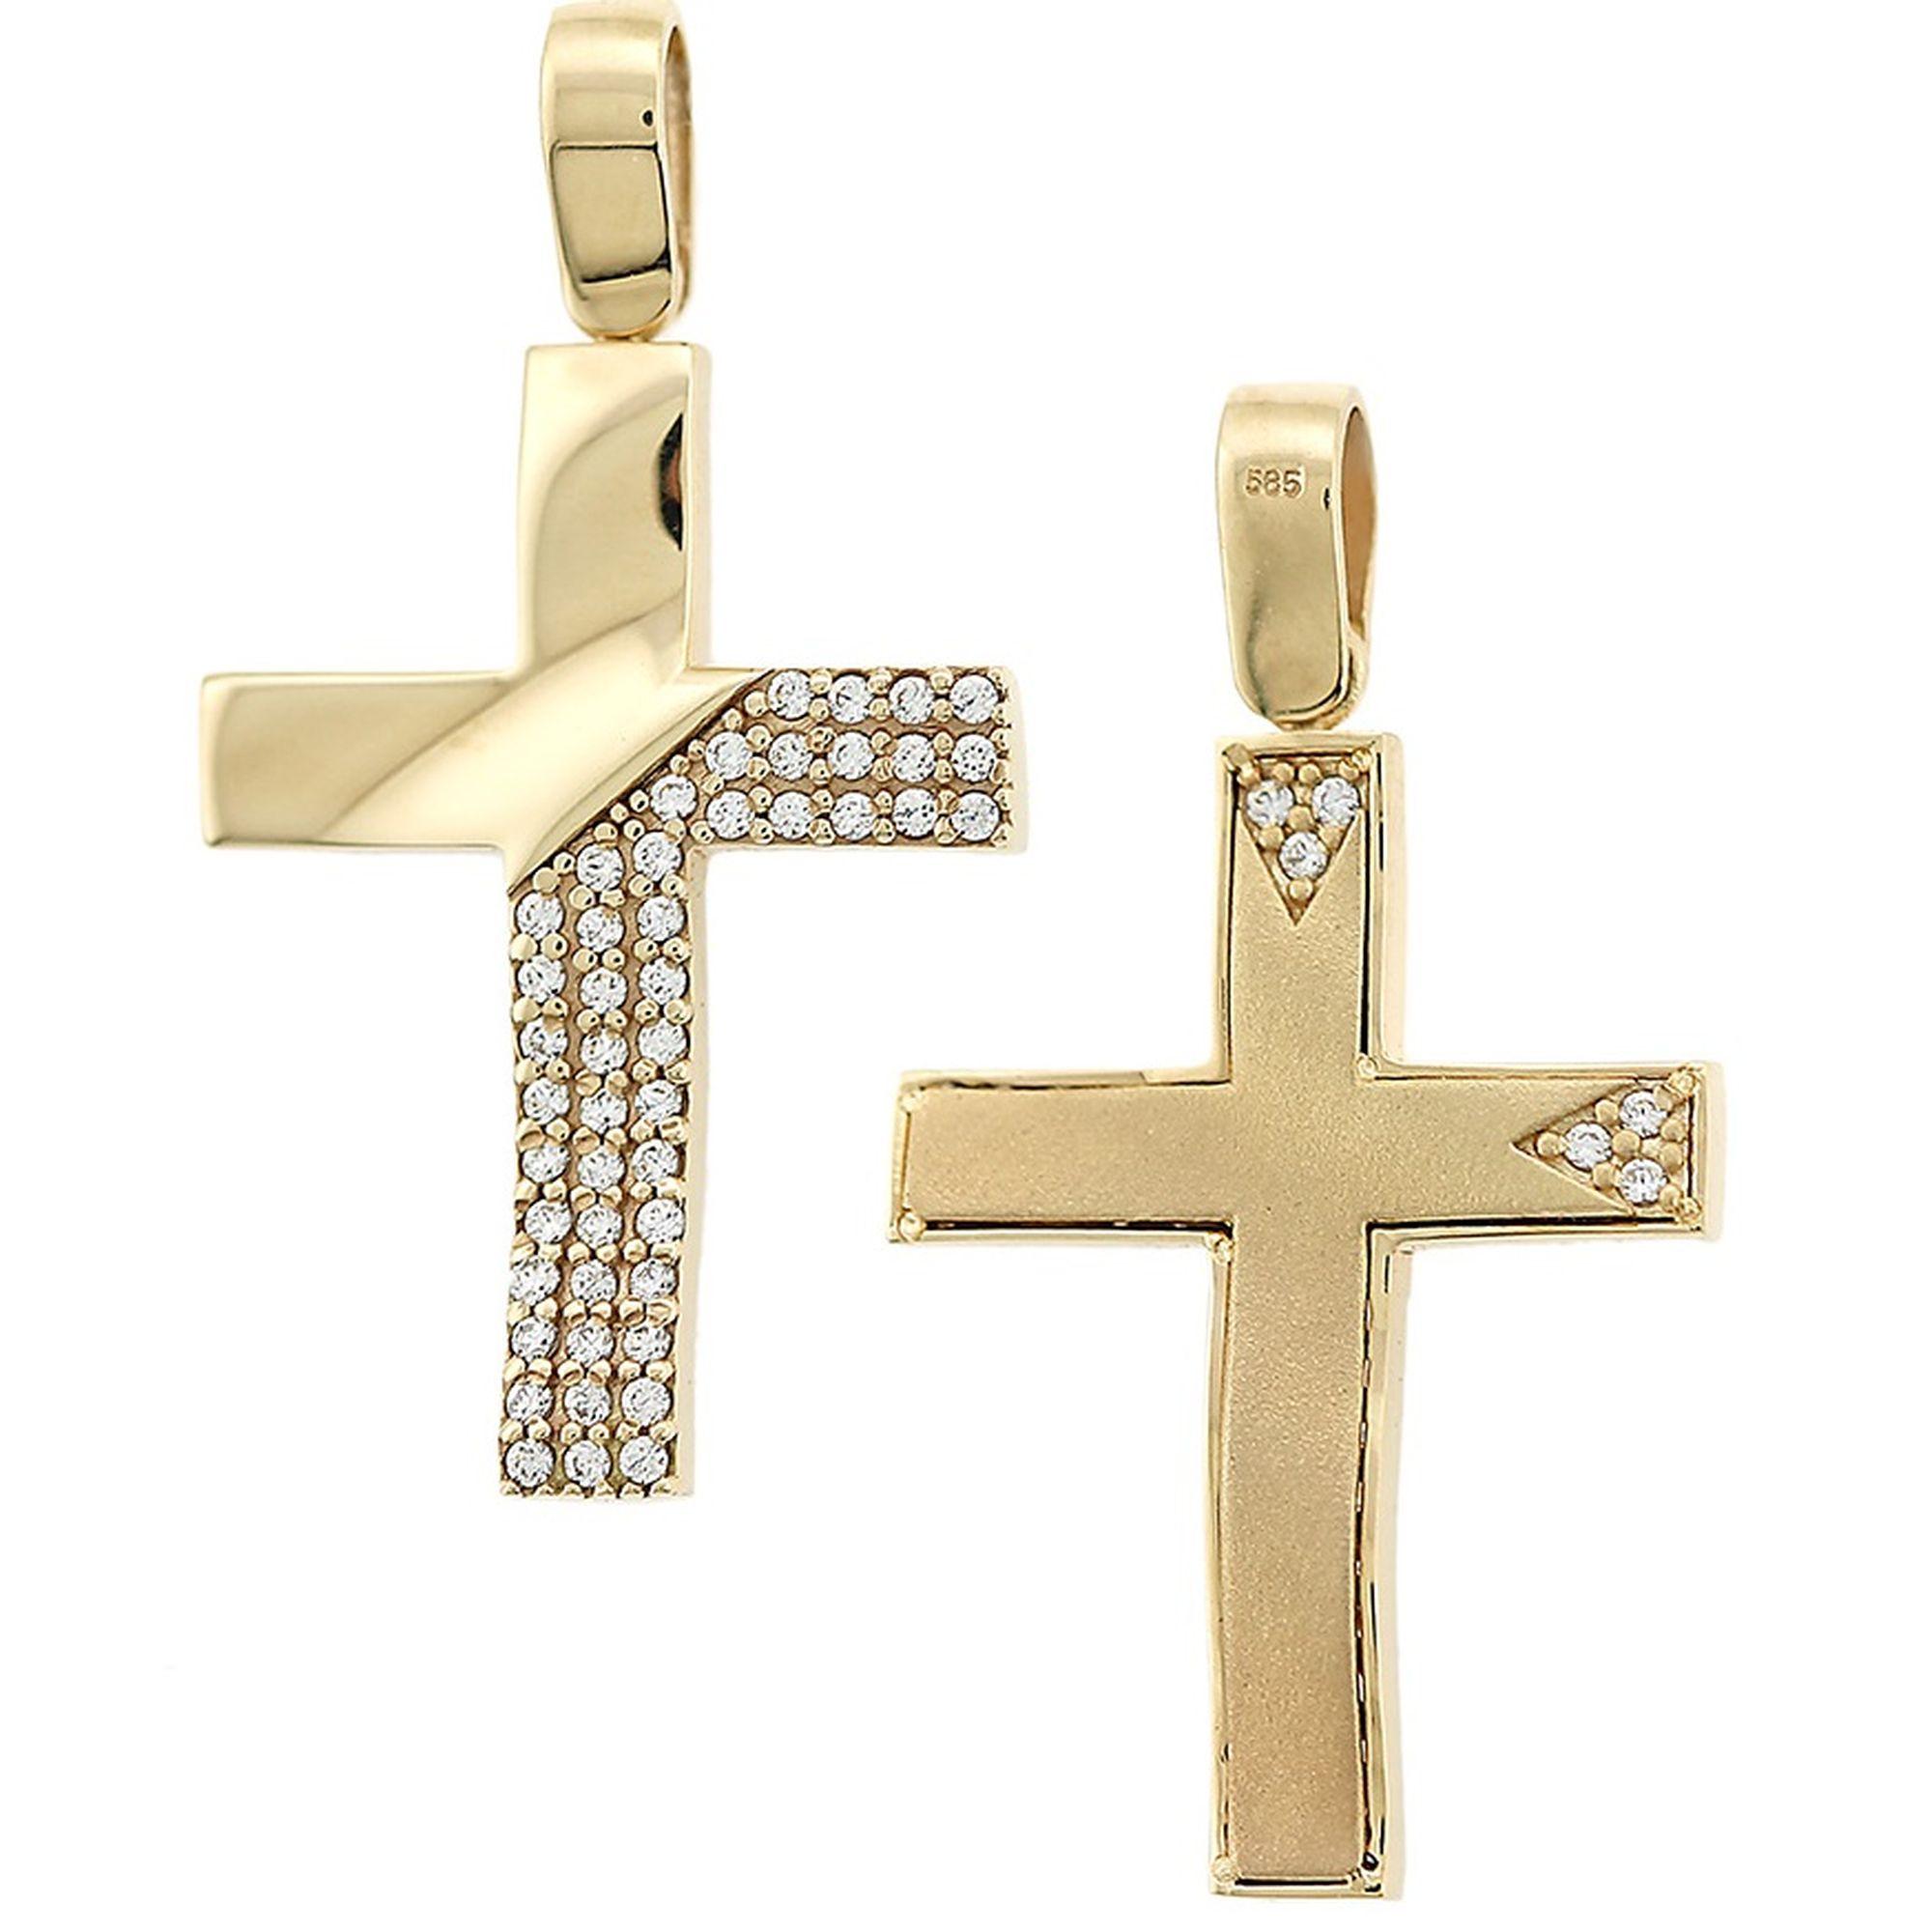 σταυρός, Γυναικείος Σταυρός Ματ με Πέτρες στον Κρίκο + Αλυσίδα σταυρός για βάπτιση, Γυναικείος σταυρόςμε πέτρες, Δωρεάν μεταφορικά, Σταυρός 14 καρατίων